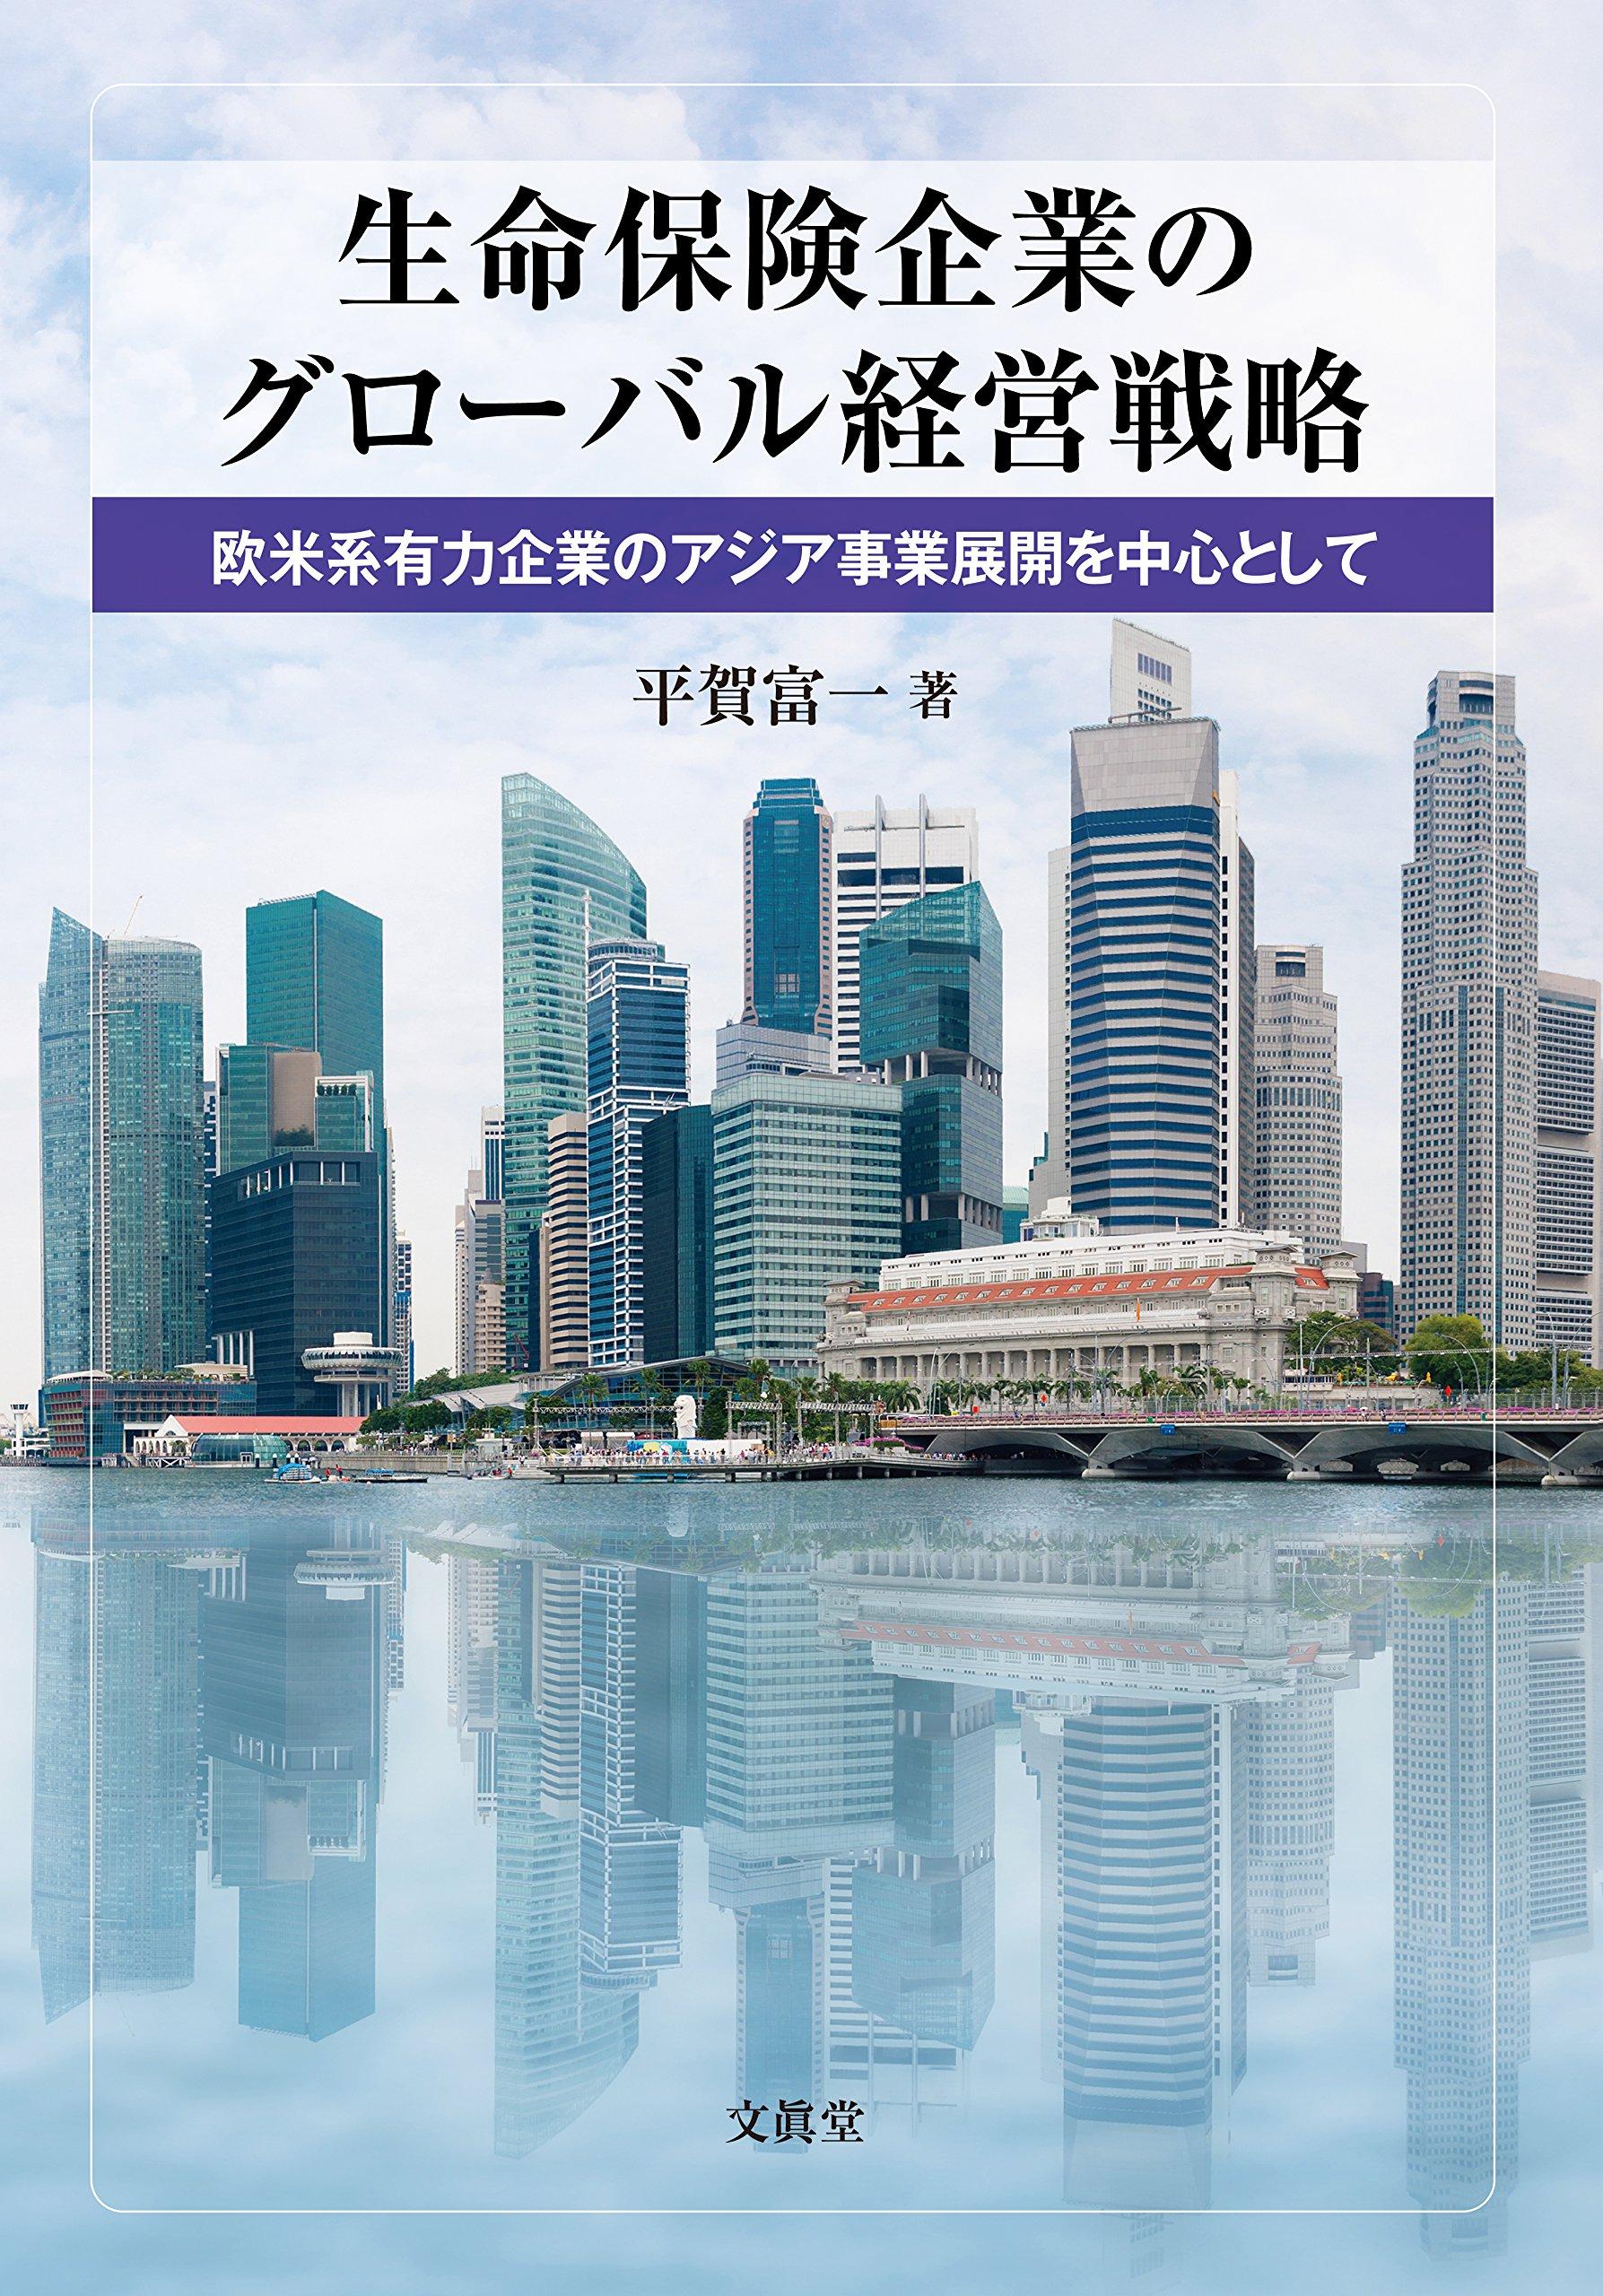 平賀富一 (株式会社ニッセイ基礎研究所)著 『生命保険企業のグローバル経営戦略-欧米系有力企業のアジア事業展開を中心として-』